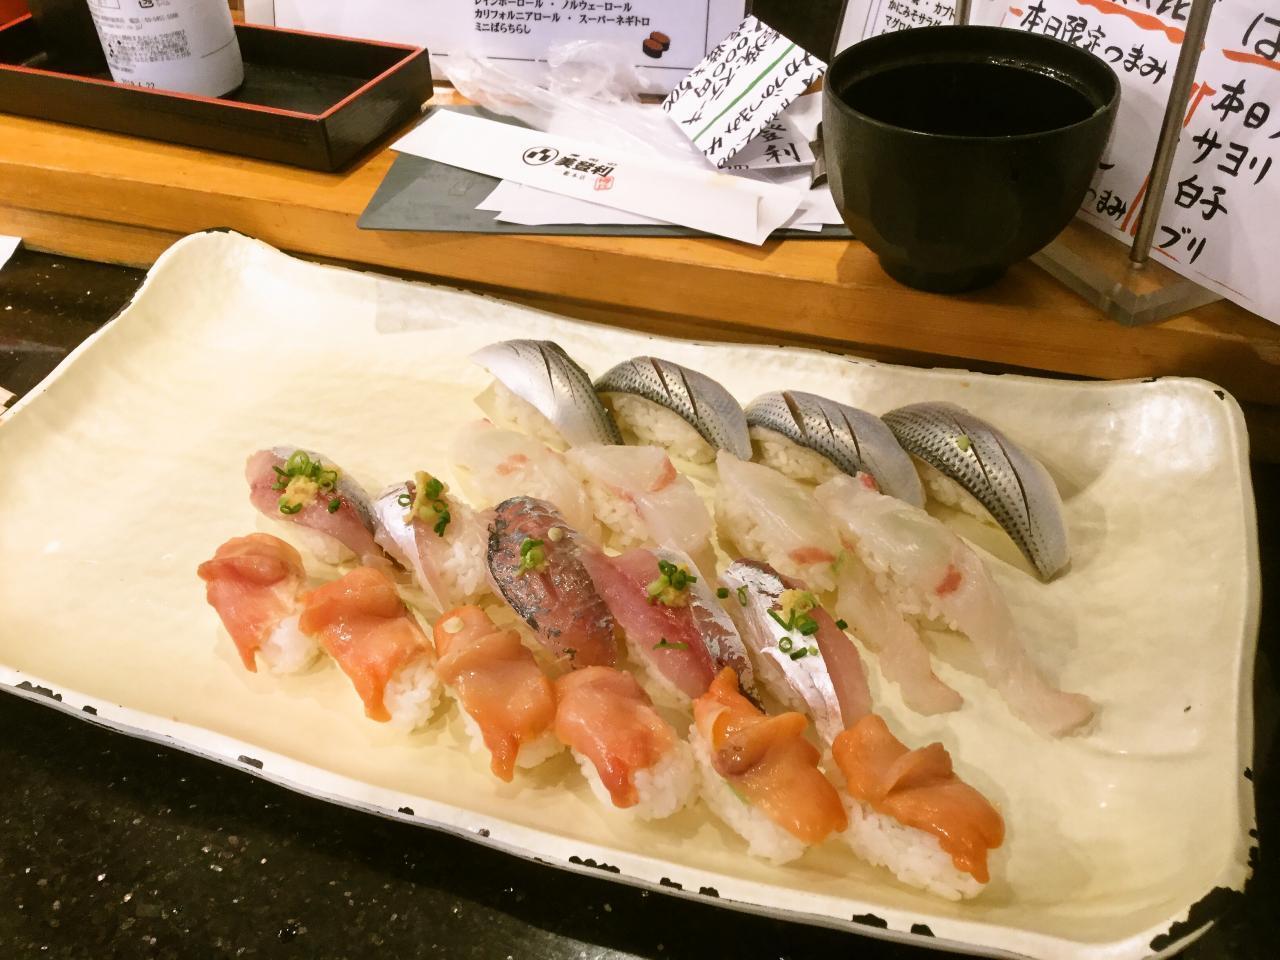 梅丘 寿司の美登利 梅丘本店(食べ放題)